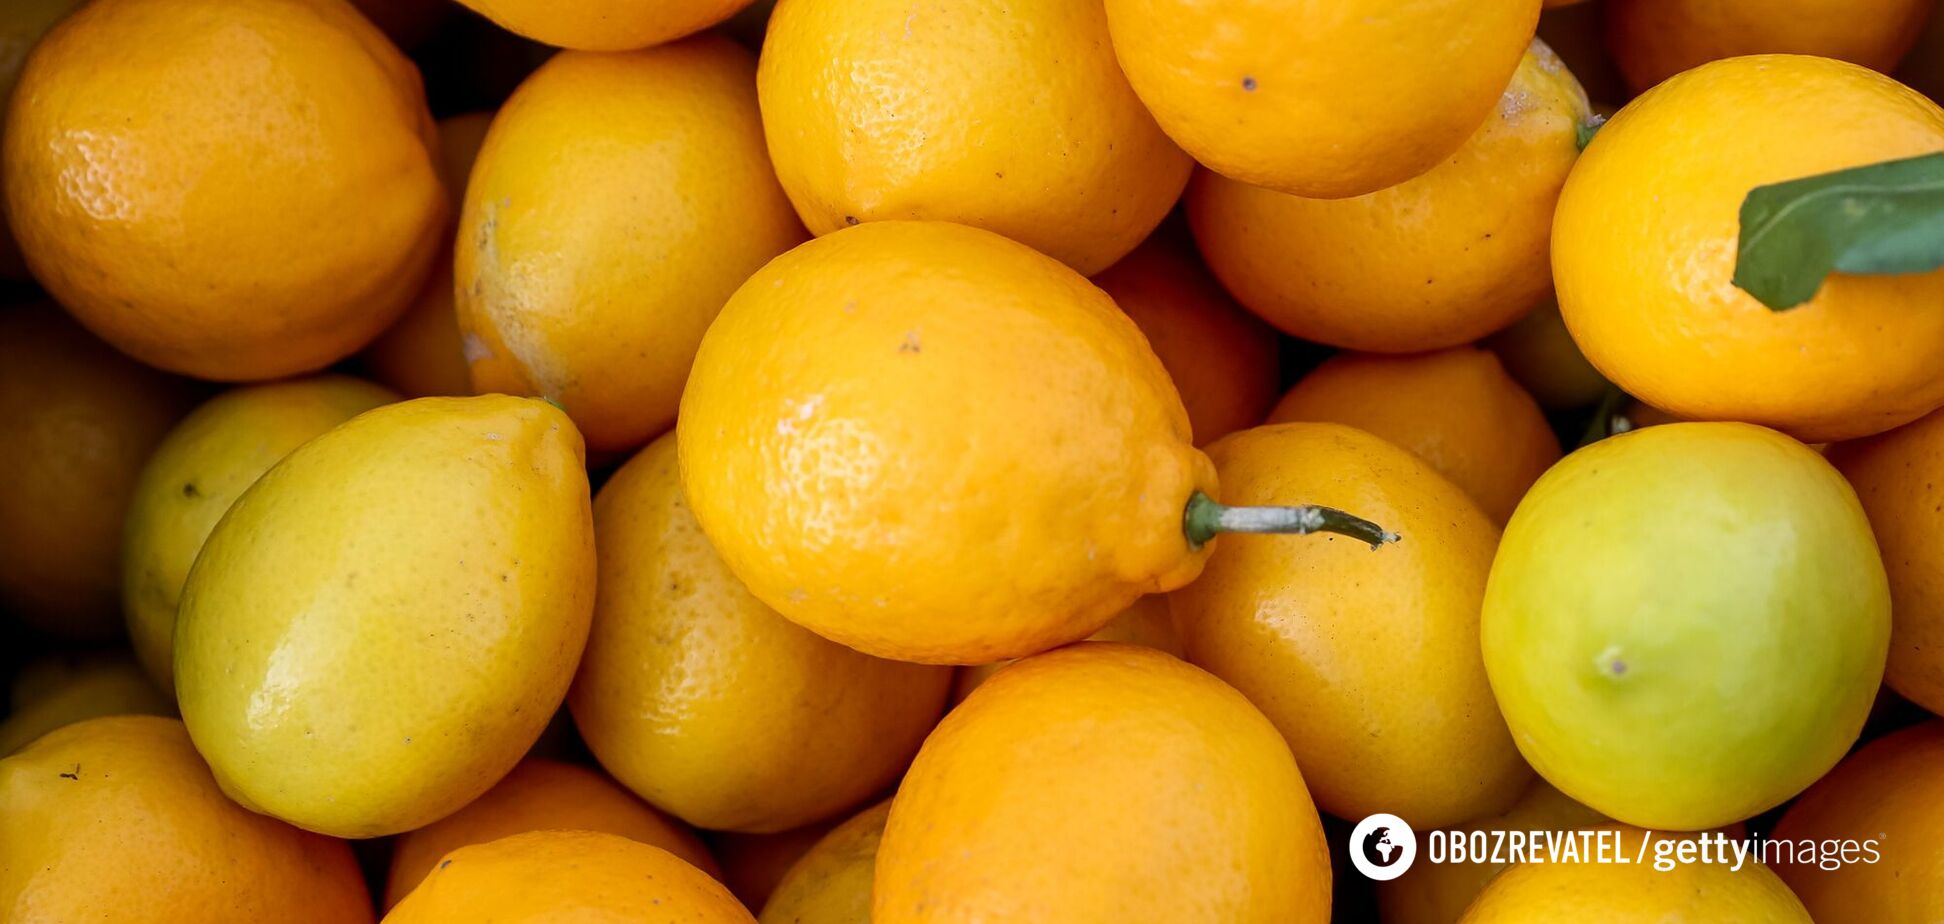 Показан лайфхак, как быстро получить сок из лимона. Видео